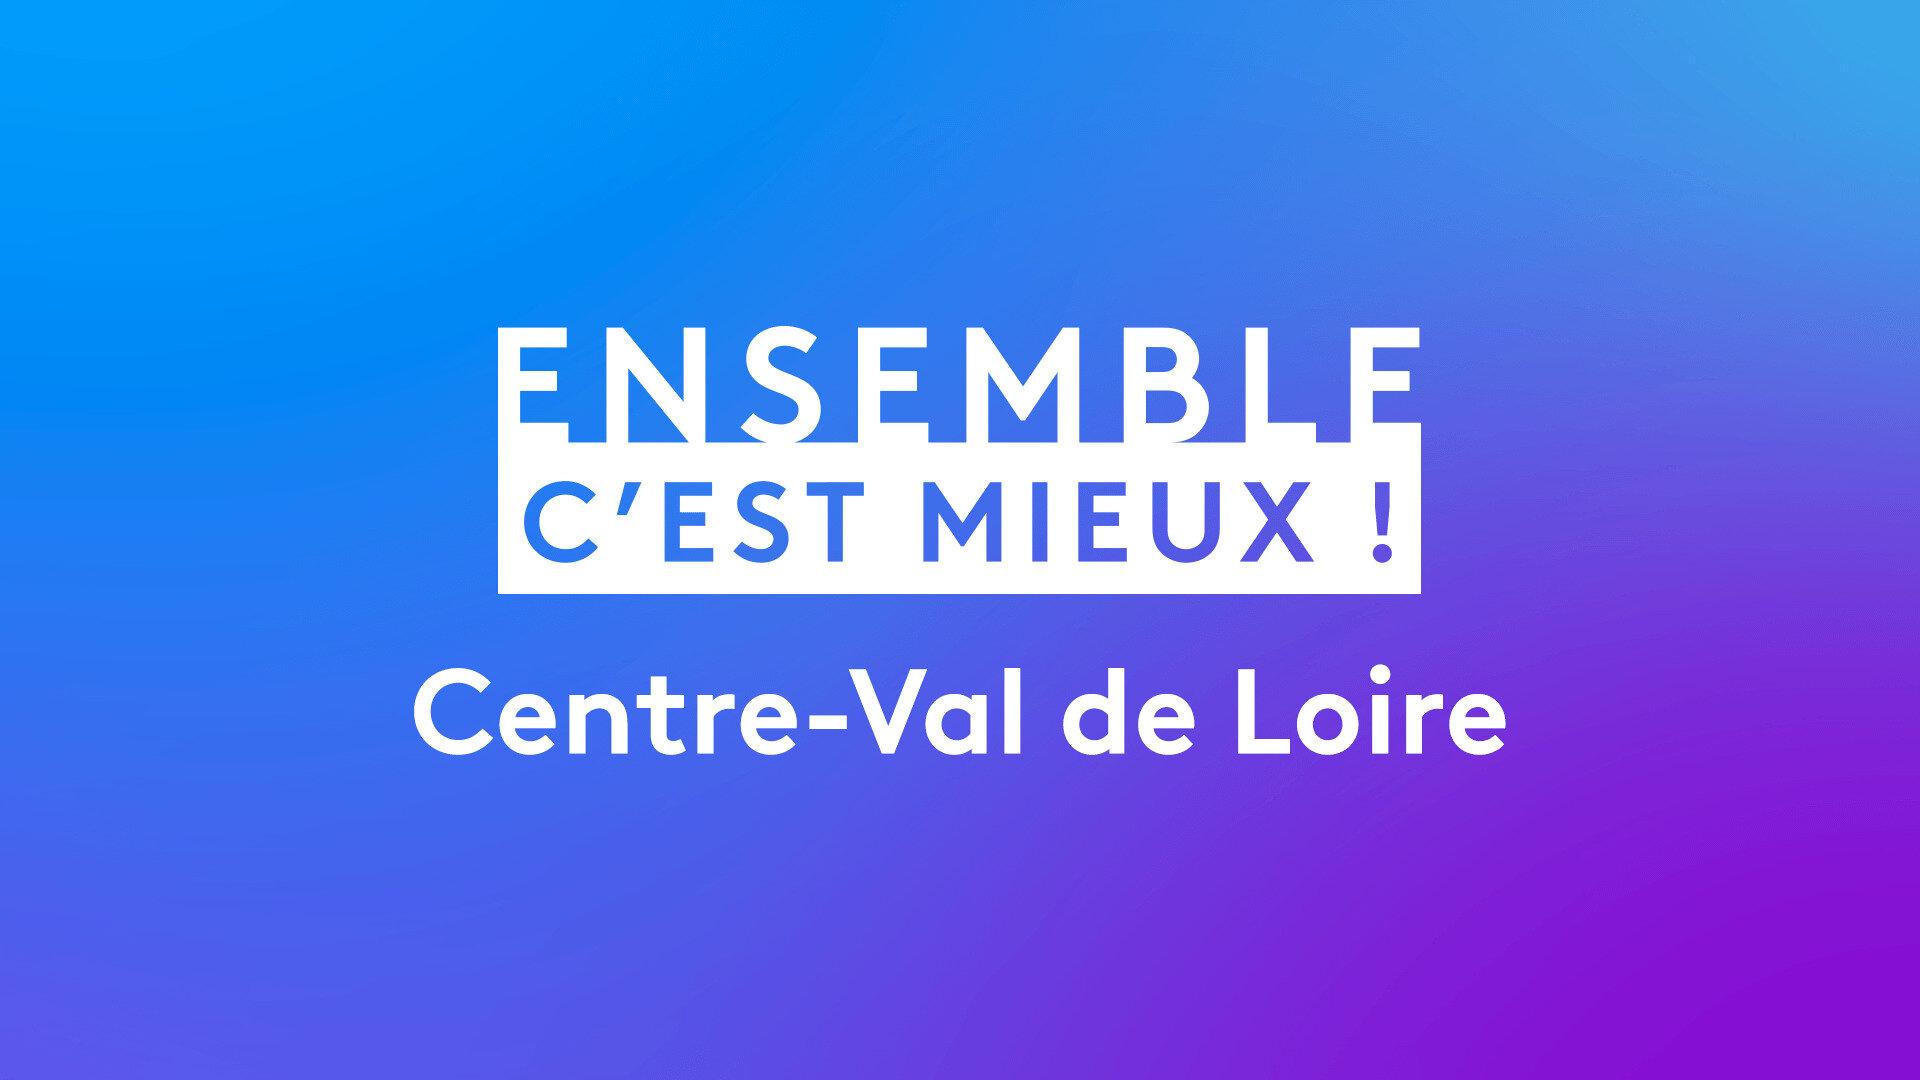 Ensemble c'est mieux ! Centre-Val de Loire